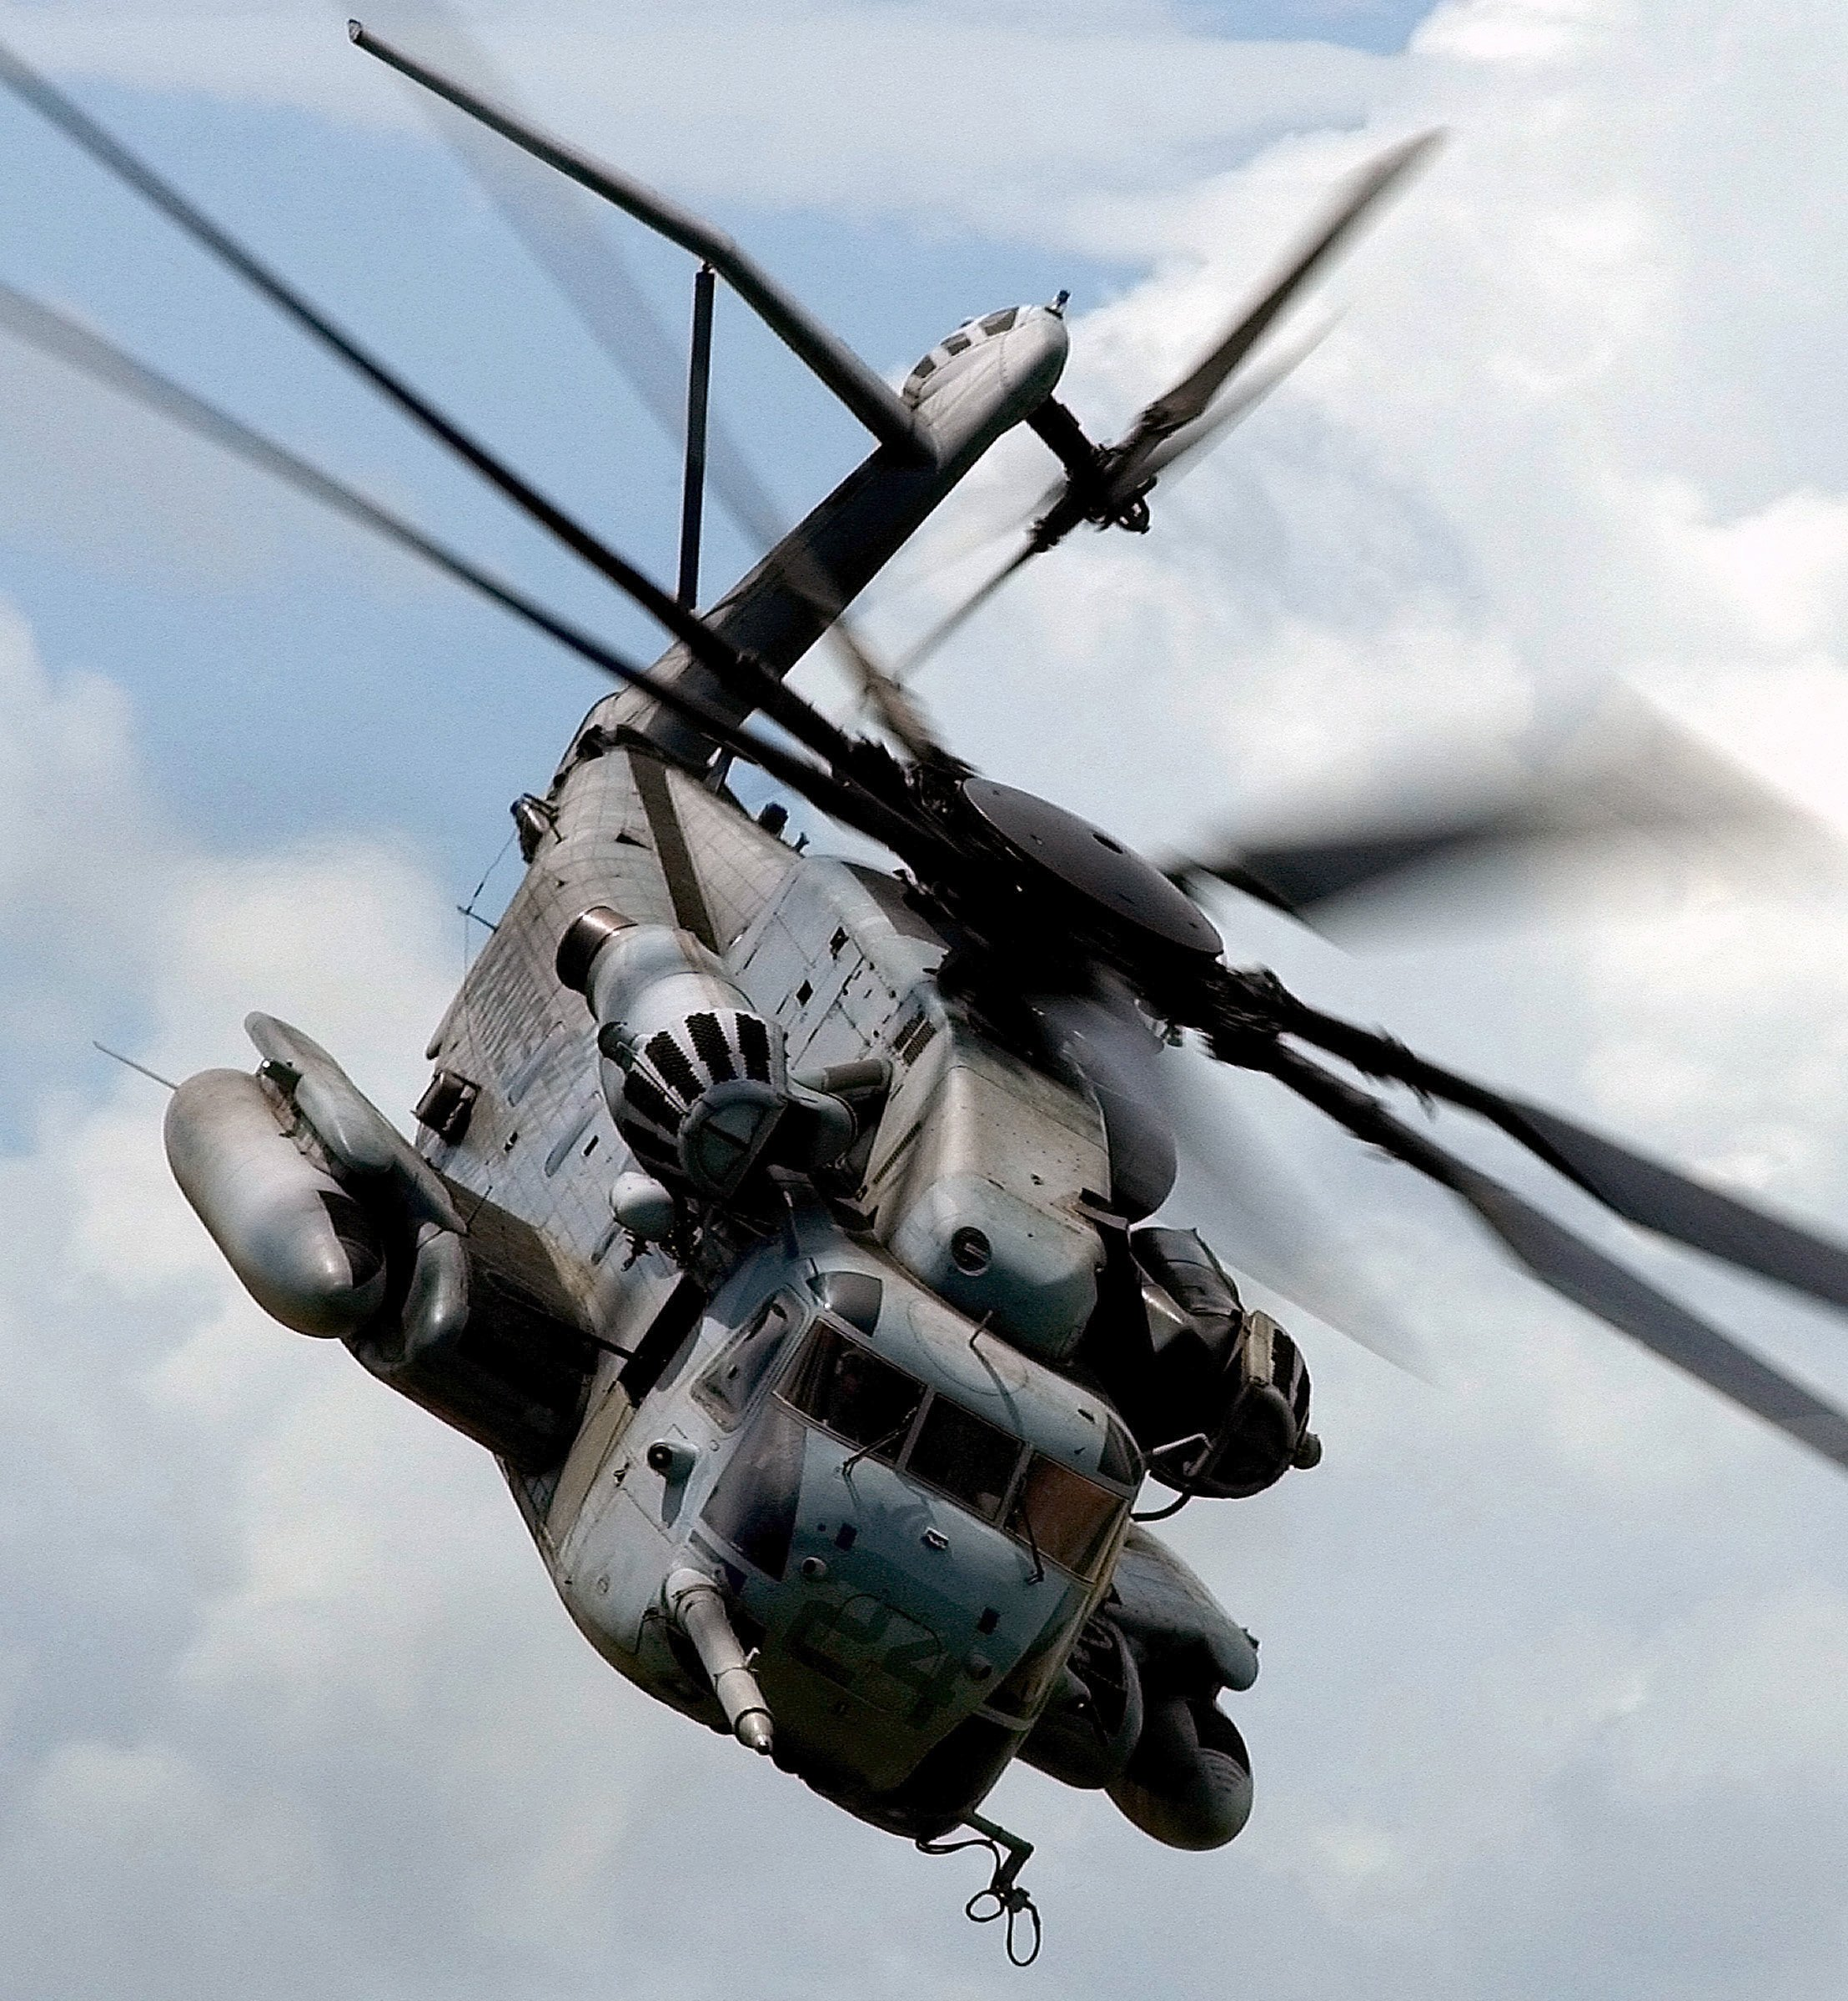 elicottero, militare, volare, guerra, Esercito - Sfondi HD - Professor-falken.com